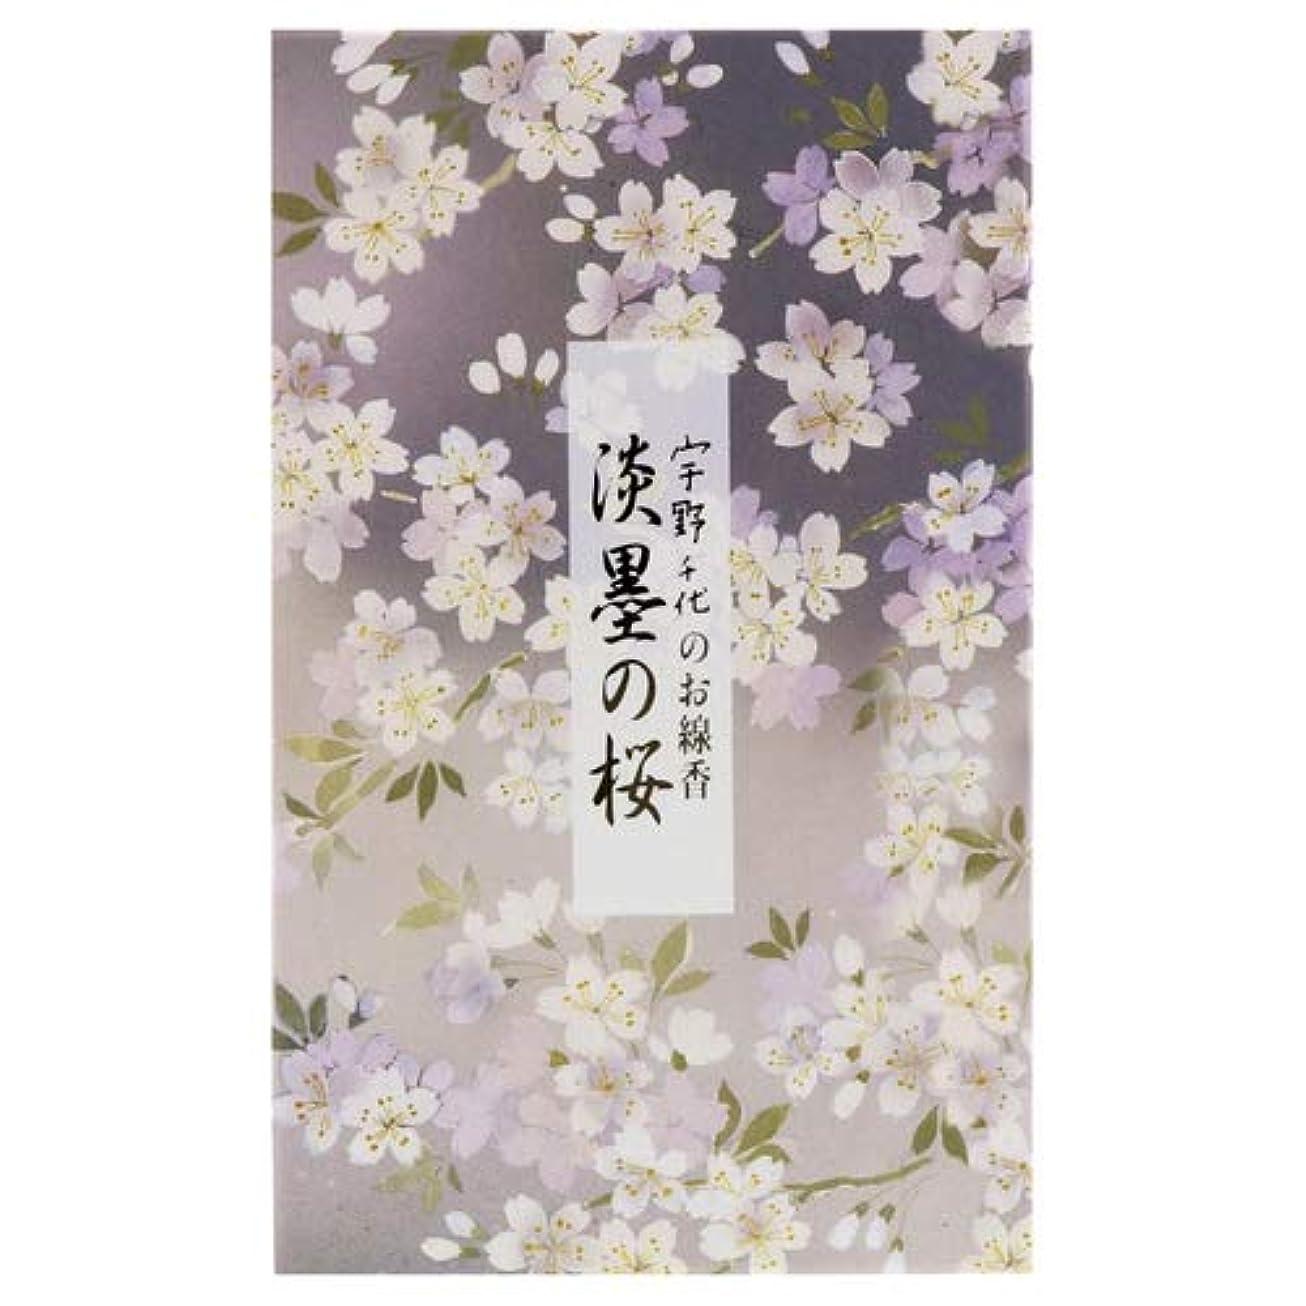 評判回転させる降伏宇野千代のお線香 淡墨の桜 バラ詰